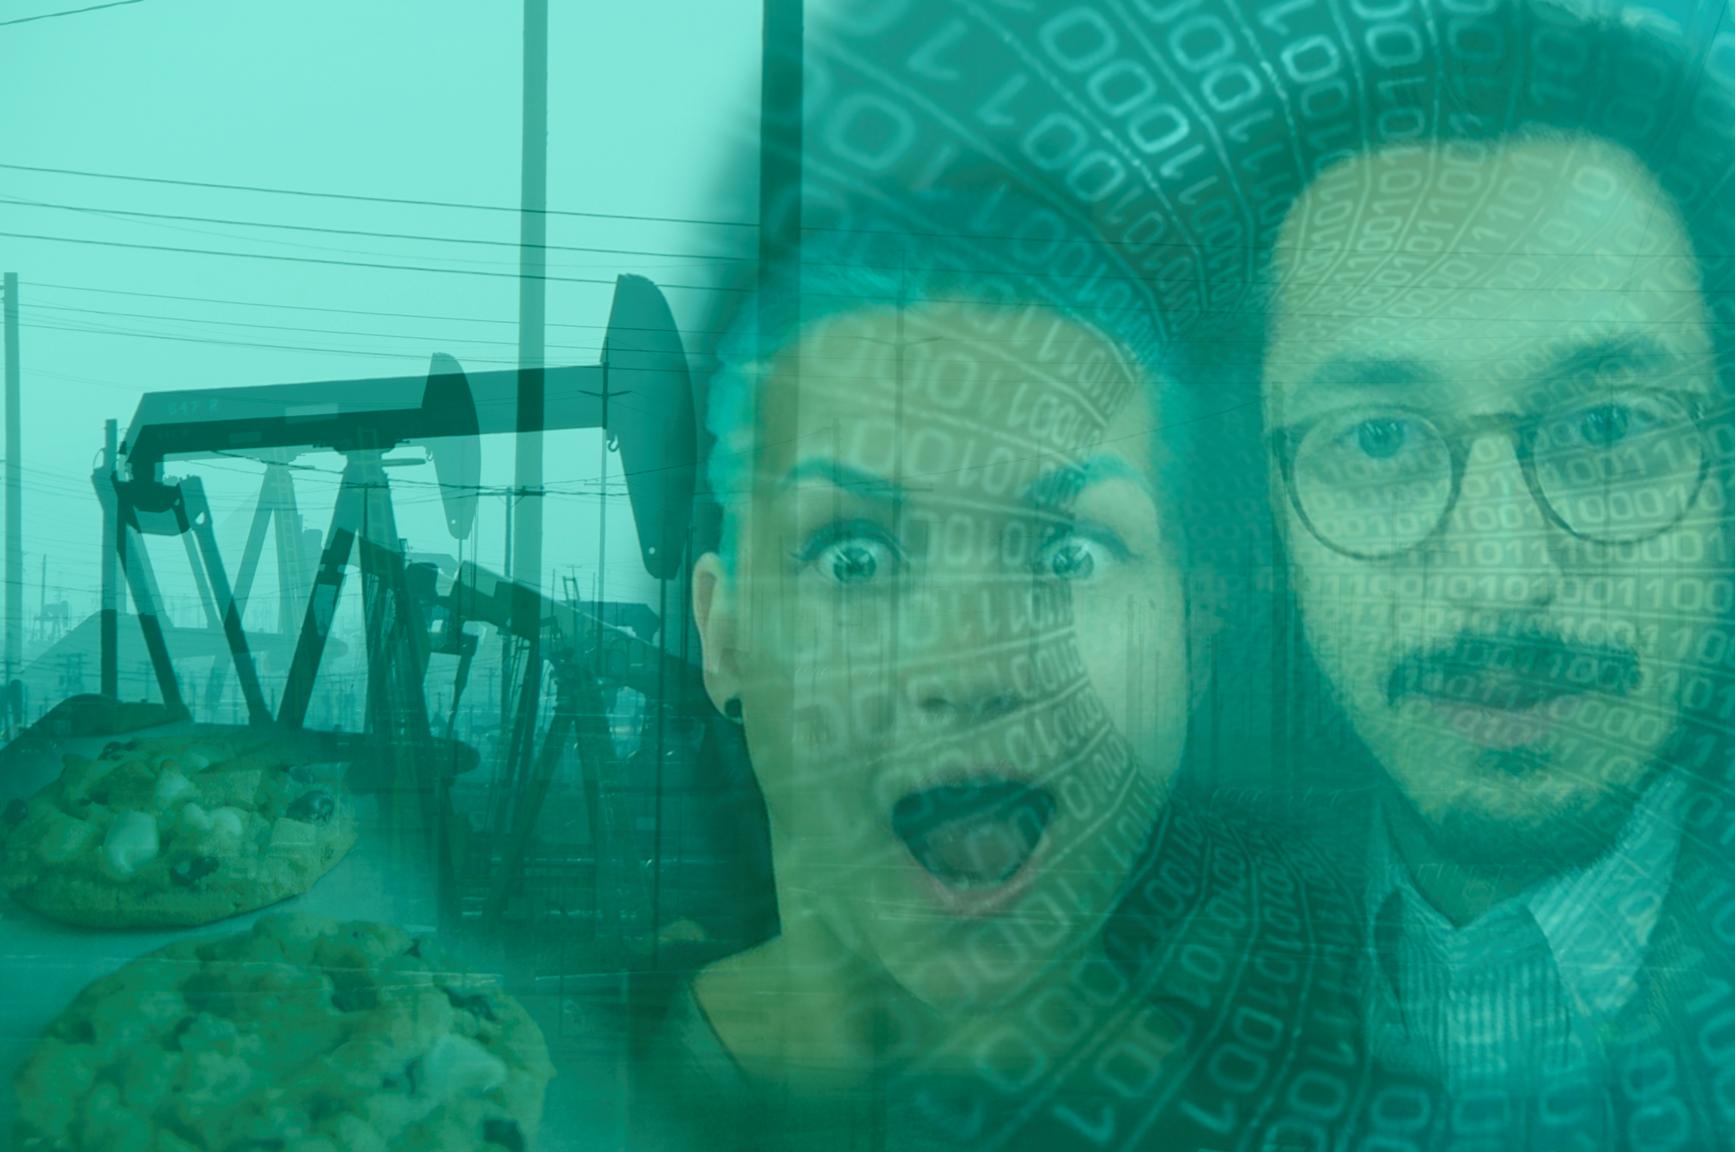 Nya tidens olja - därför är internet